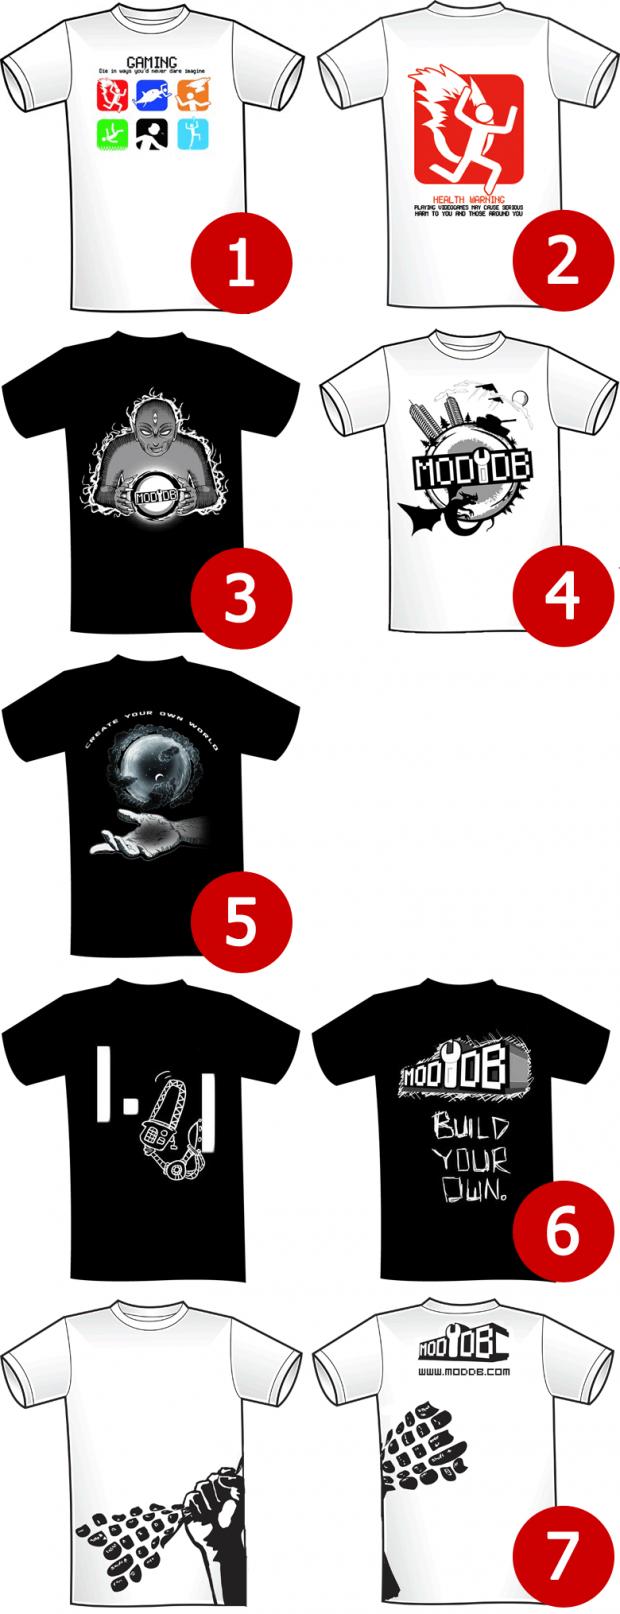 Top 7 Shirts...